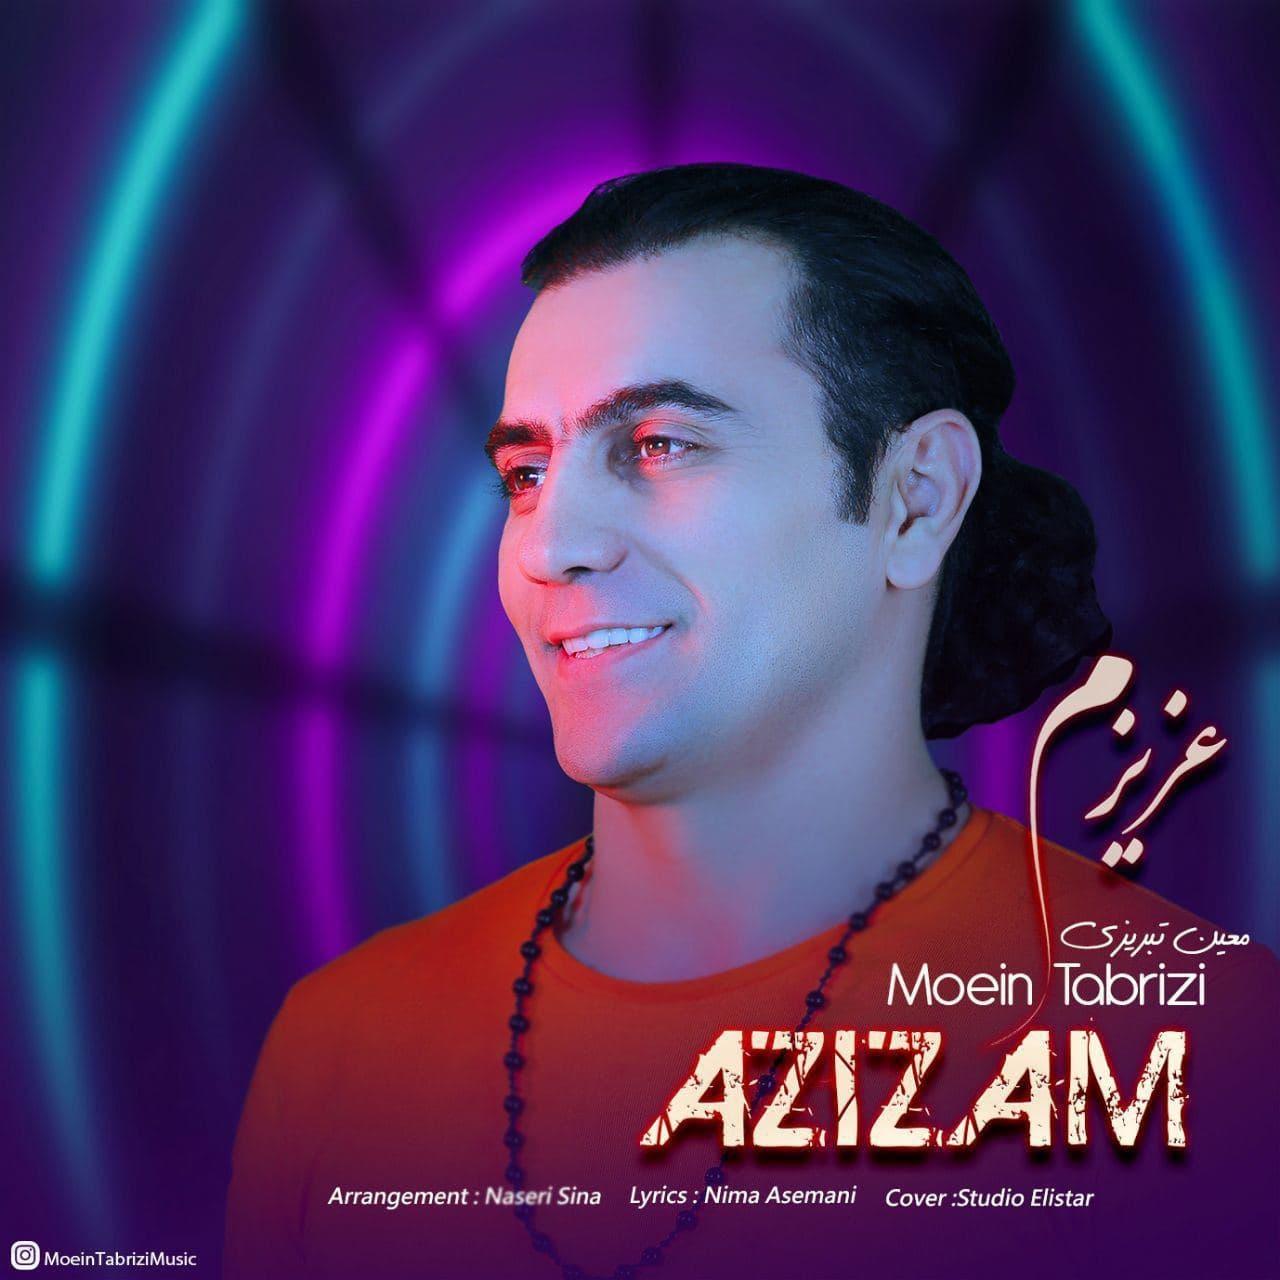 Moein Tabrizi – Azizam